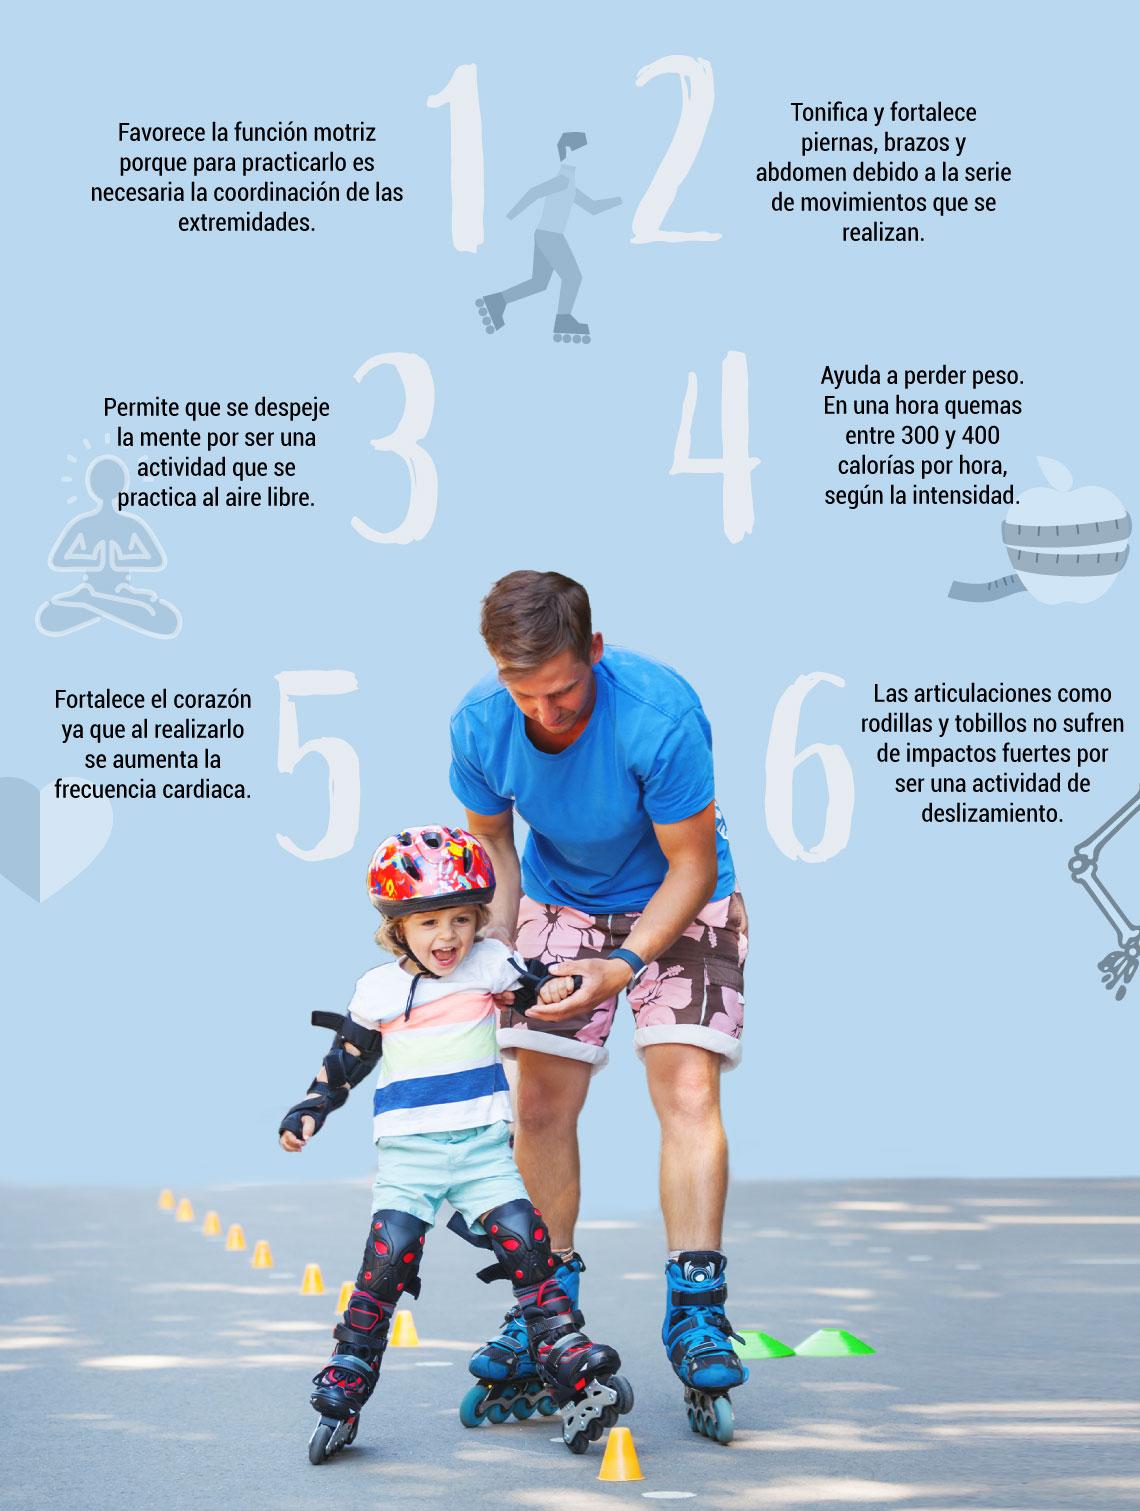 Diviértete sobre ruedas y conoce los beneficios de patinar